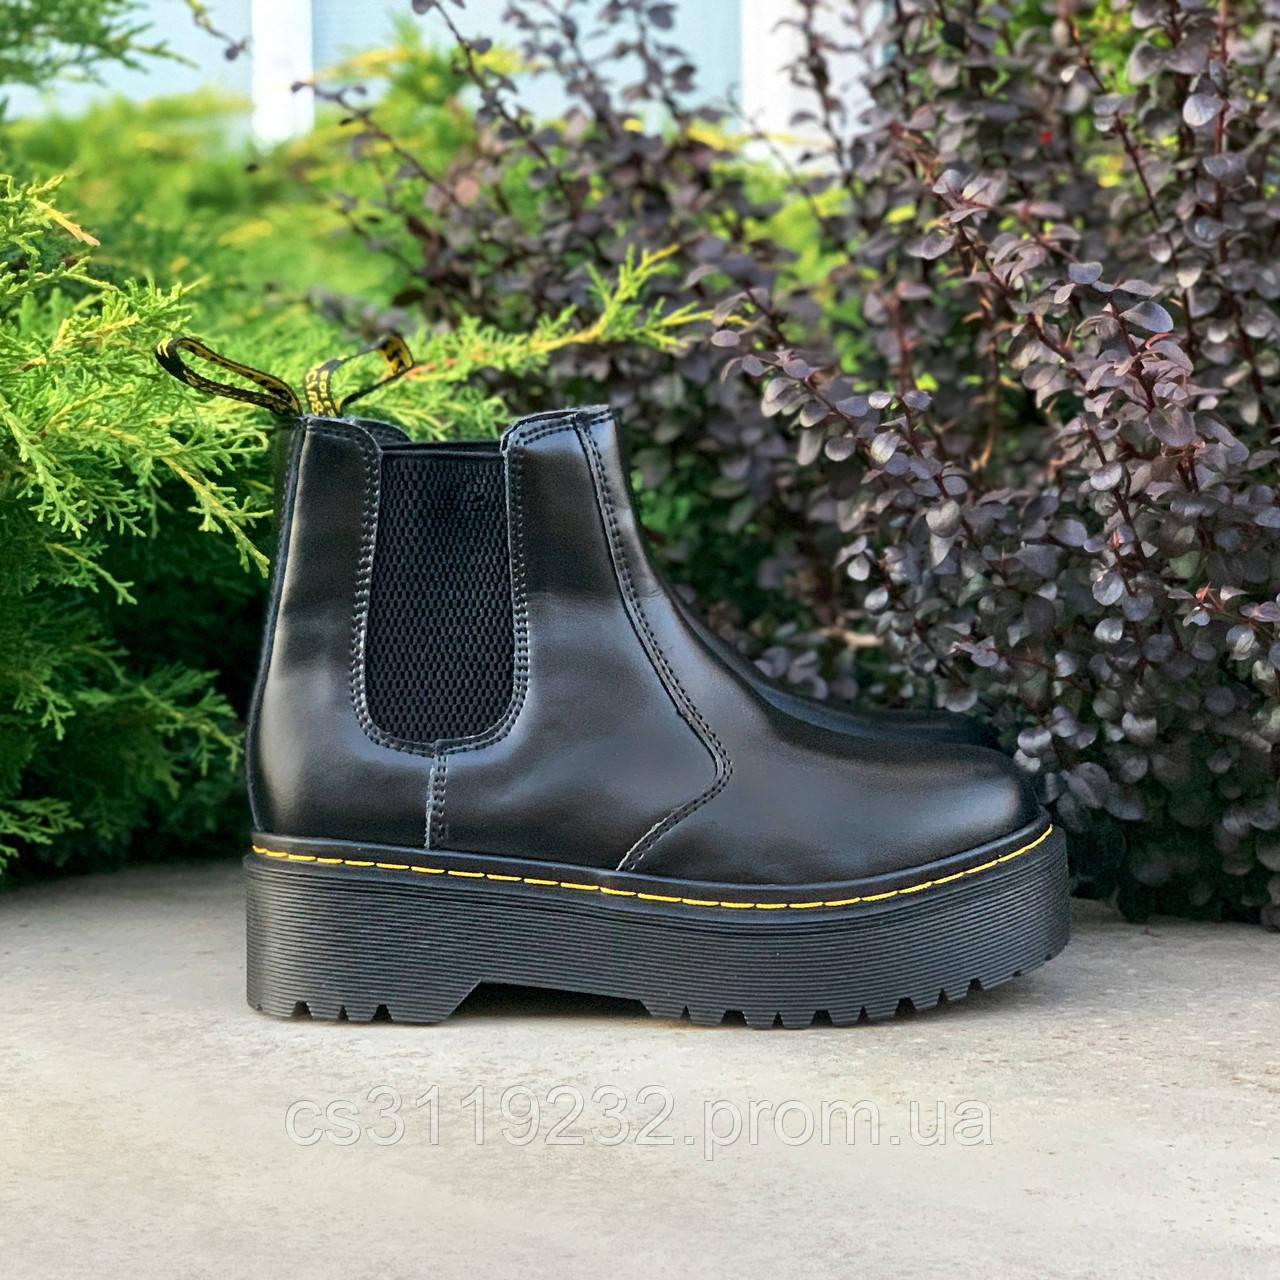 Женские ботинки зимние Dr.Martens Chelsea Black (мех) (черный)   (мех) (черный)